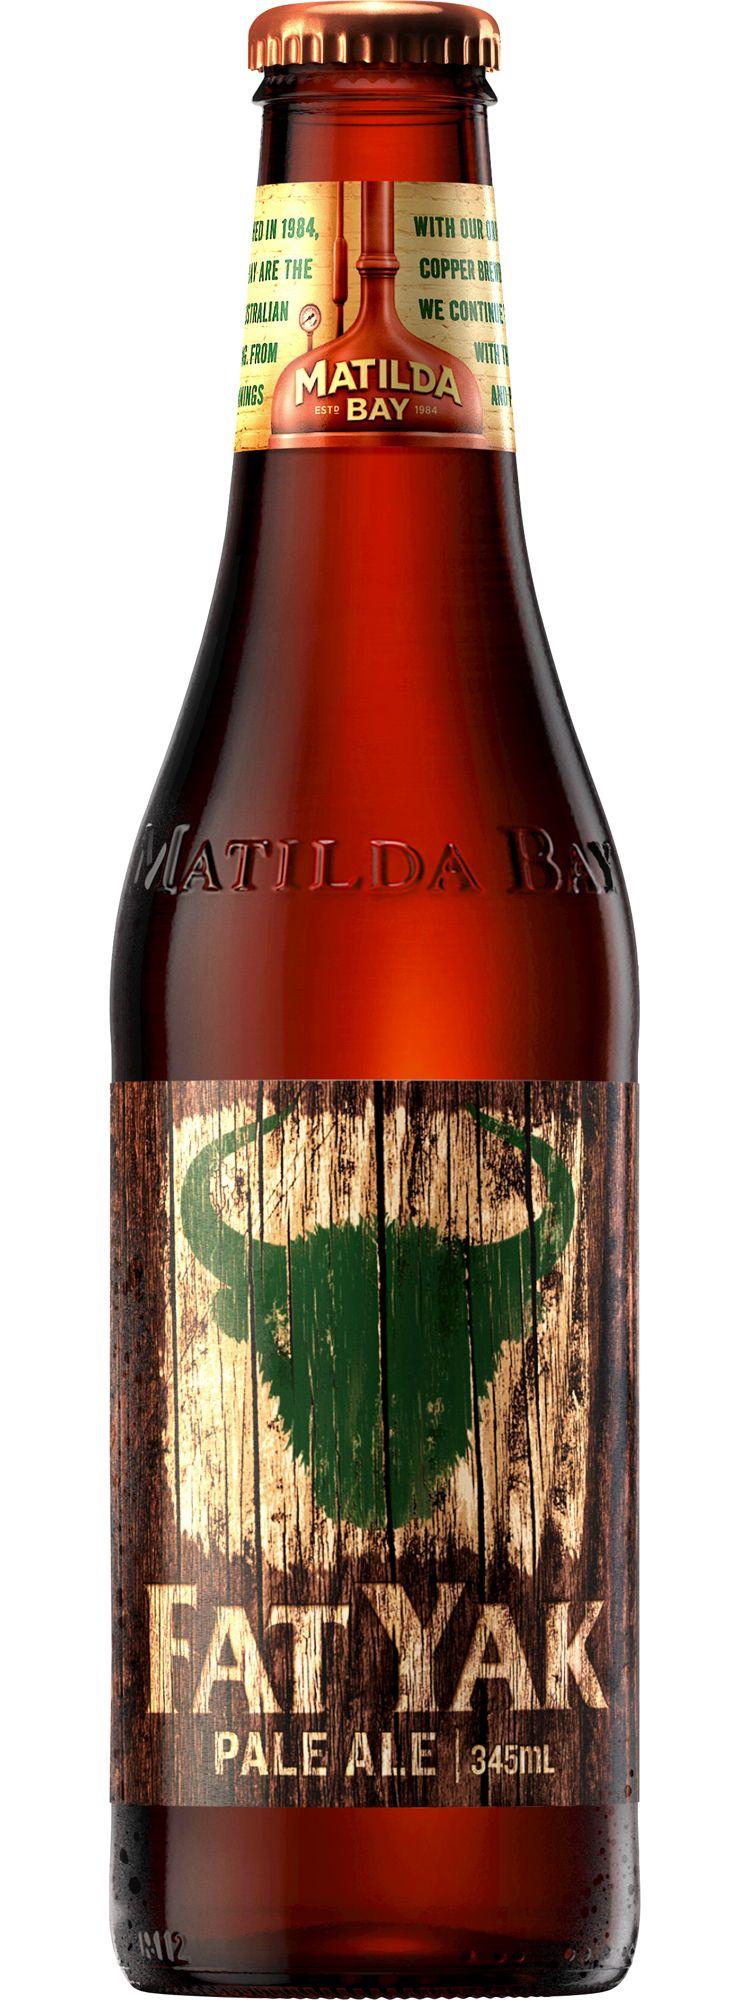 Matilda Bay Brewing Company Beer Design Beer Bottle Beautiful Beer